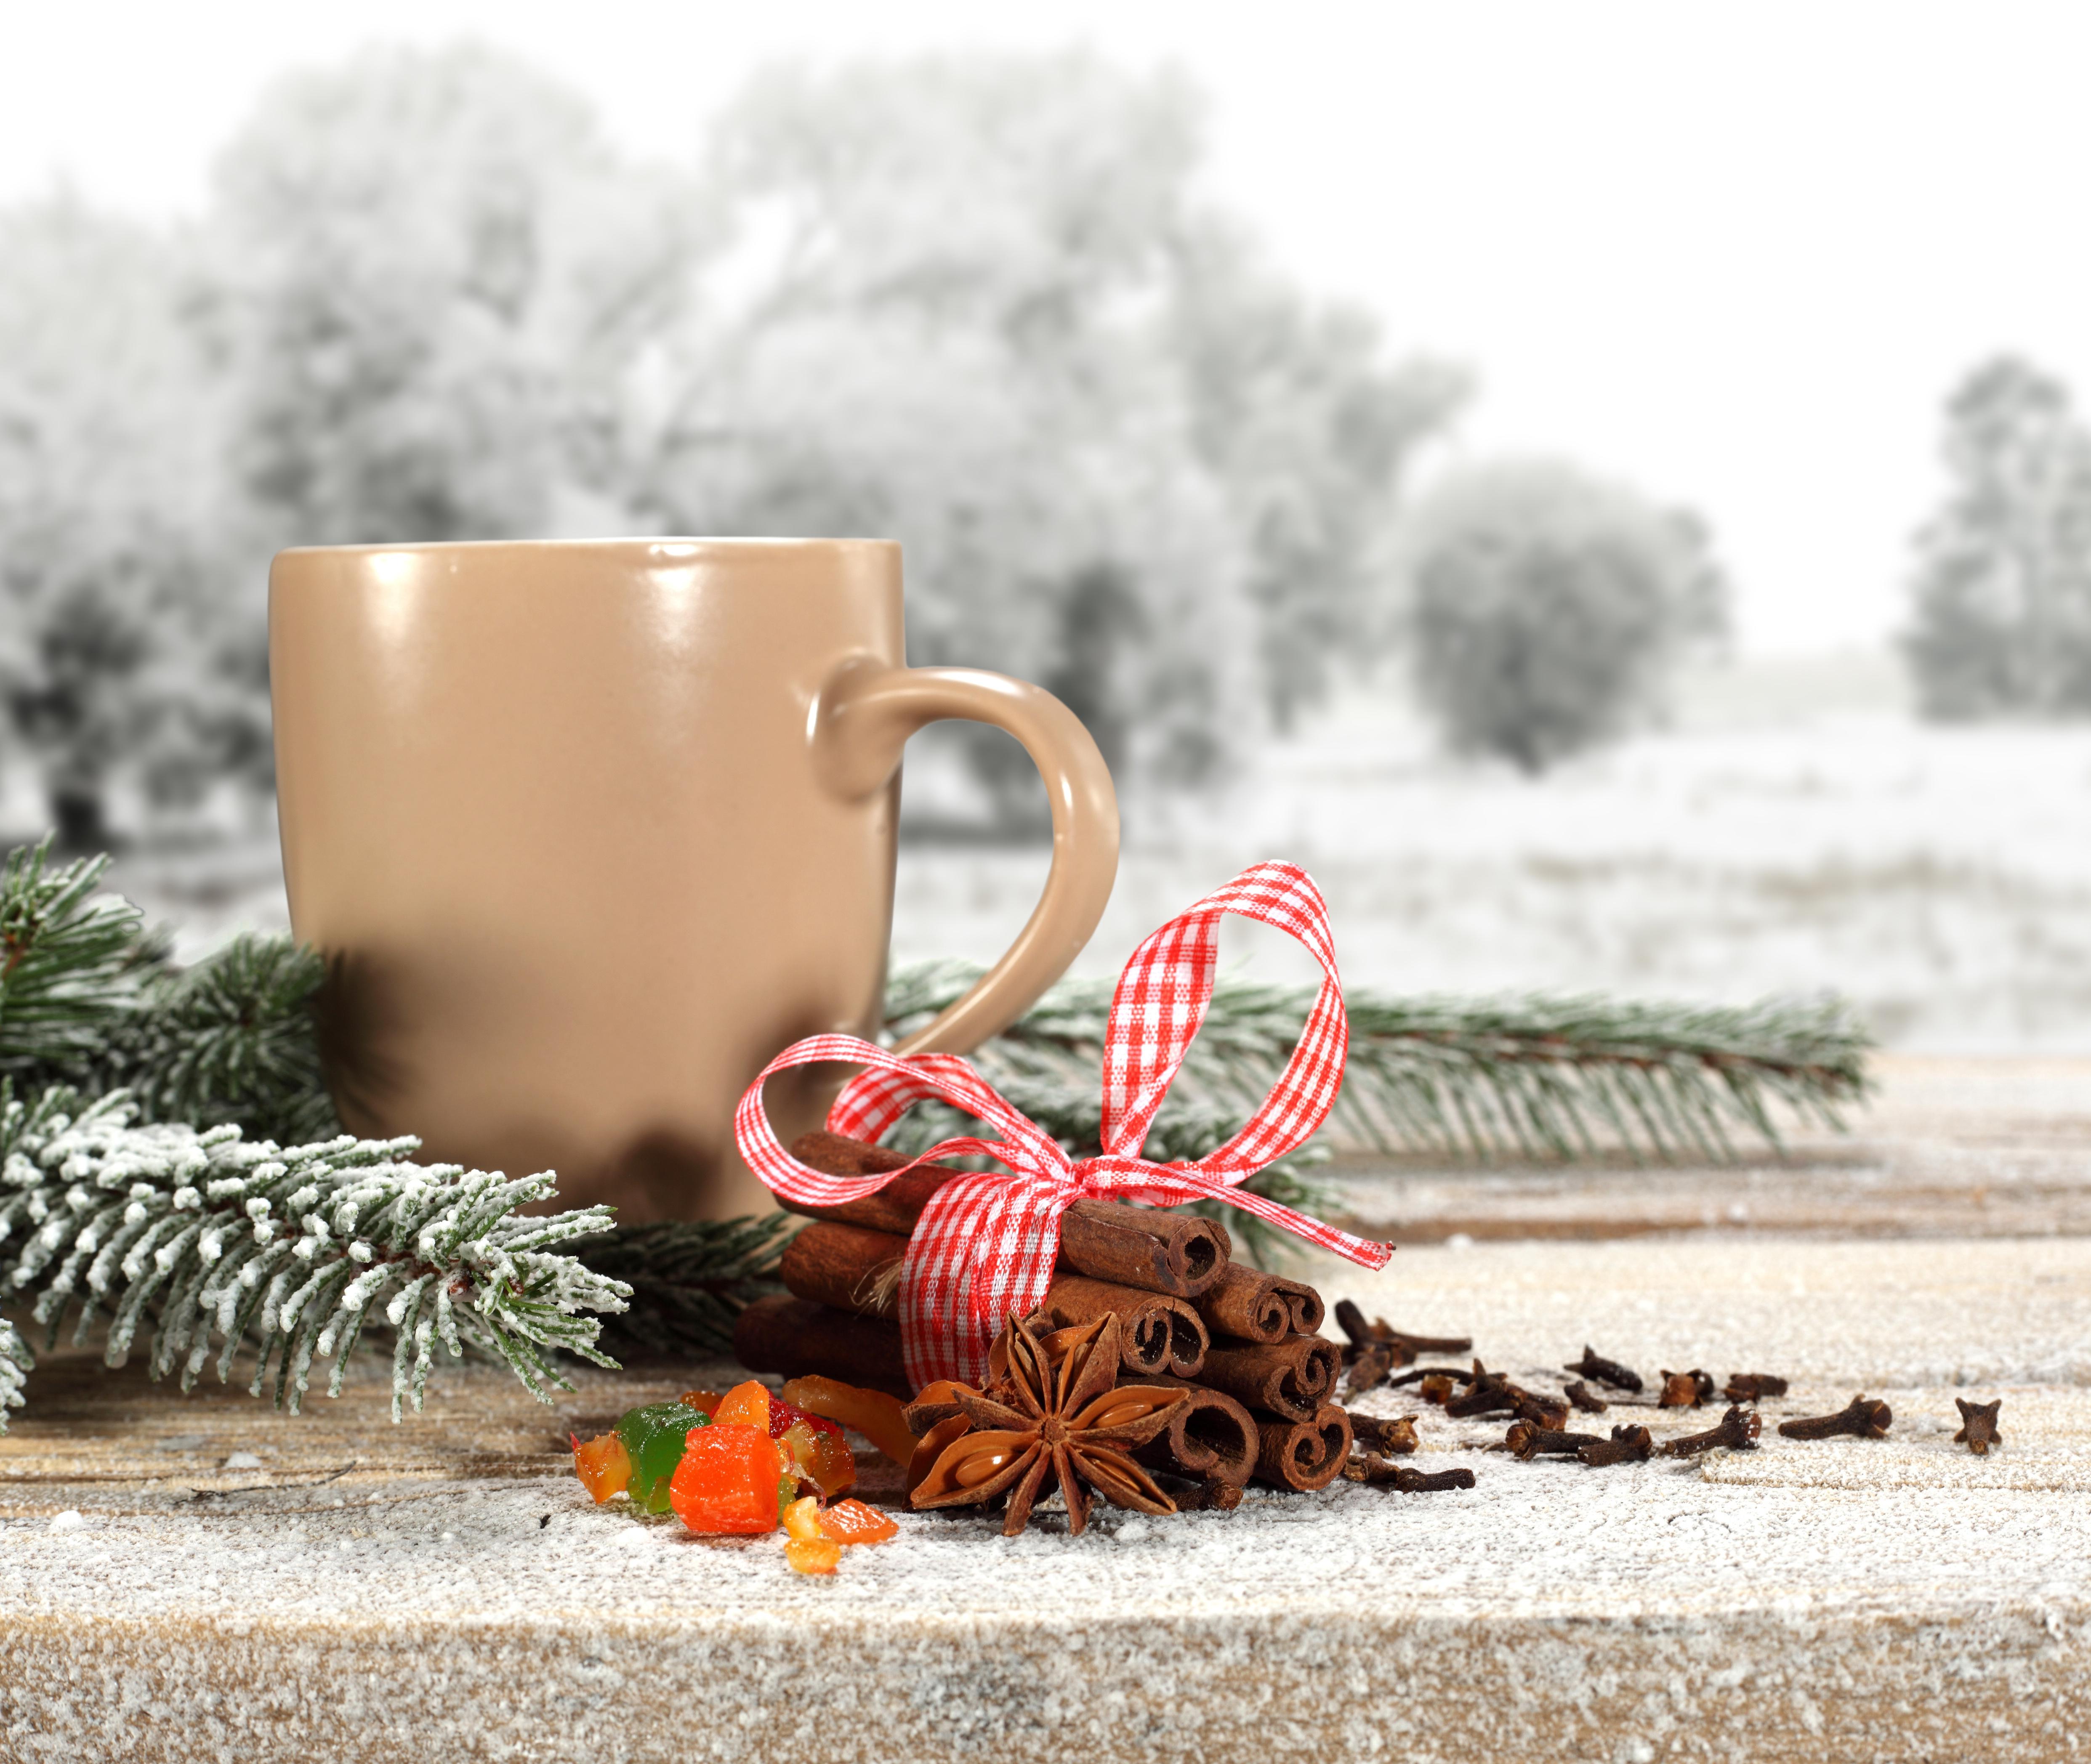 кофе рисунок ель еда  № 3256819 без смс